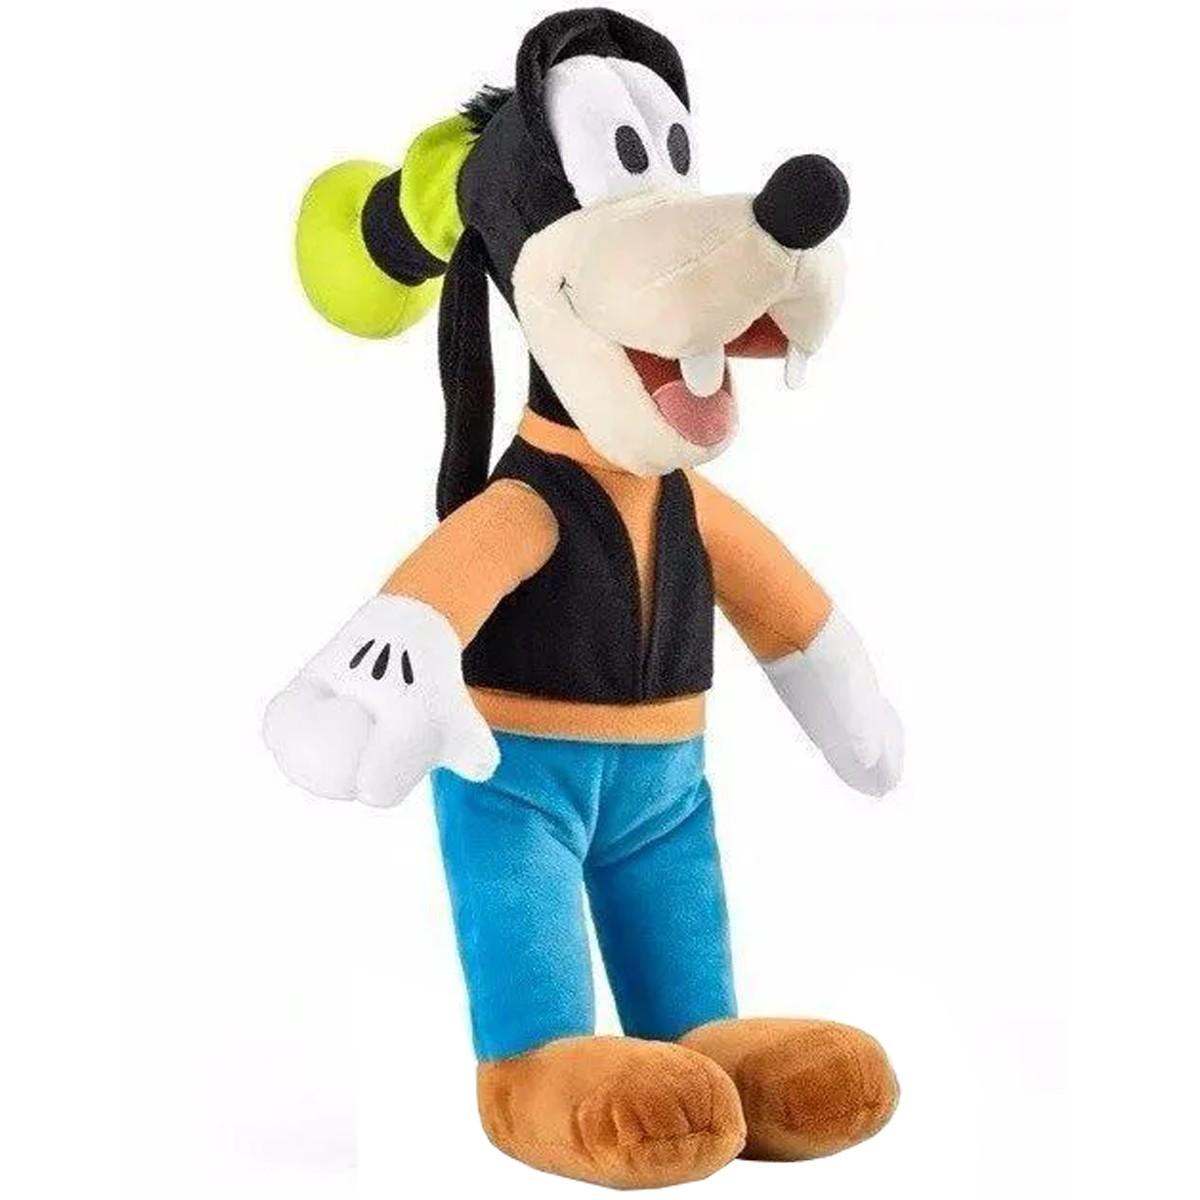 Boneco De Pelúcia Pateta Disney Com Som 33cm Multikids Br336